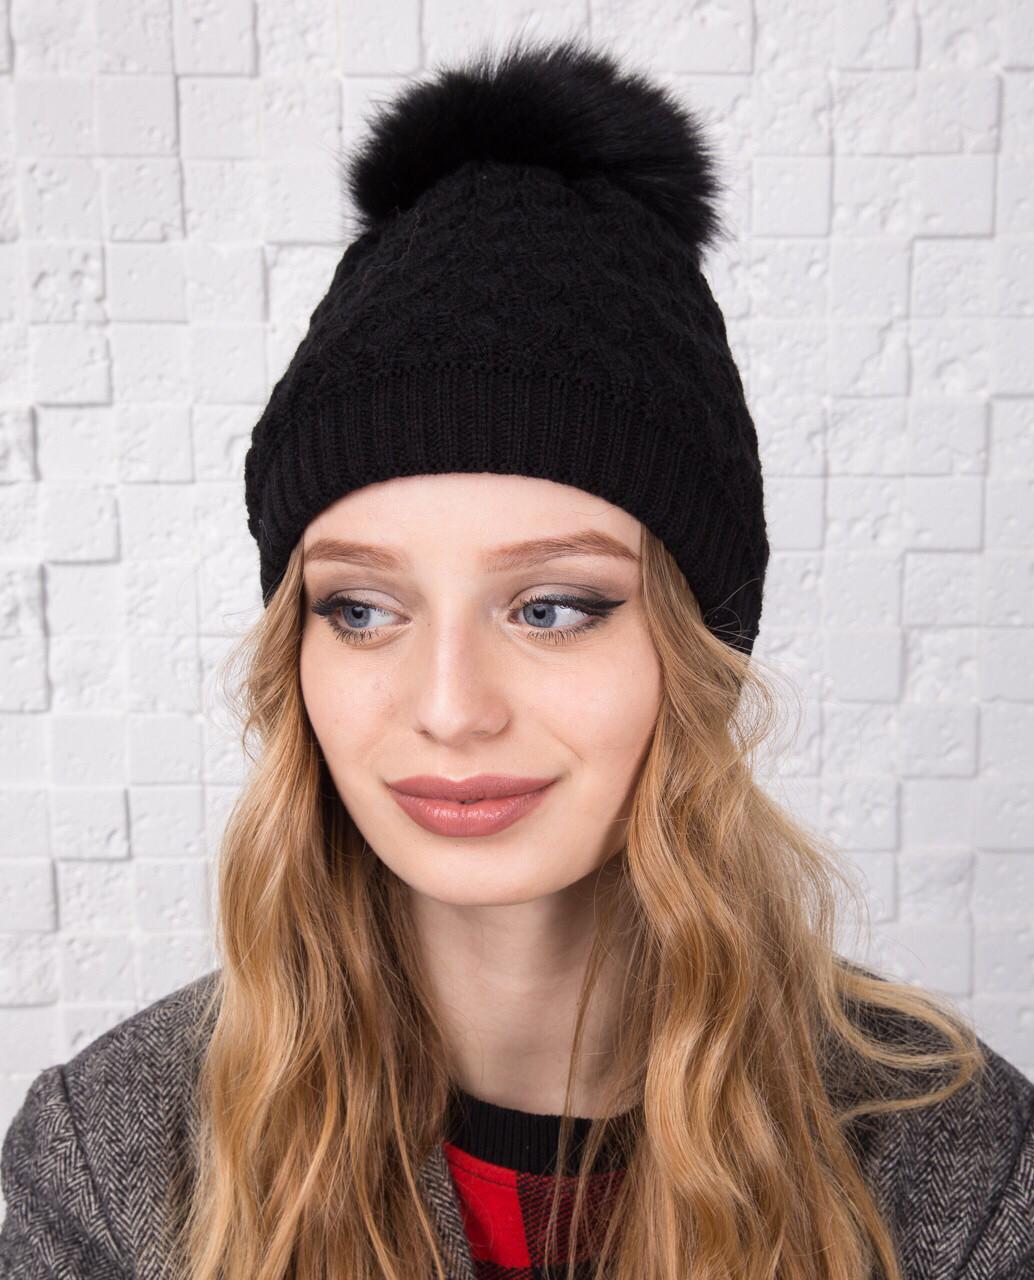 Вязанная женская шапка с меховым помпоном на зиму - Арт 12А (черный)